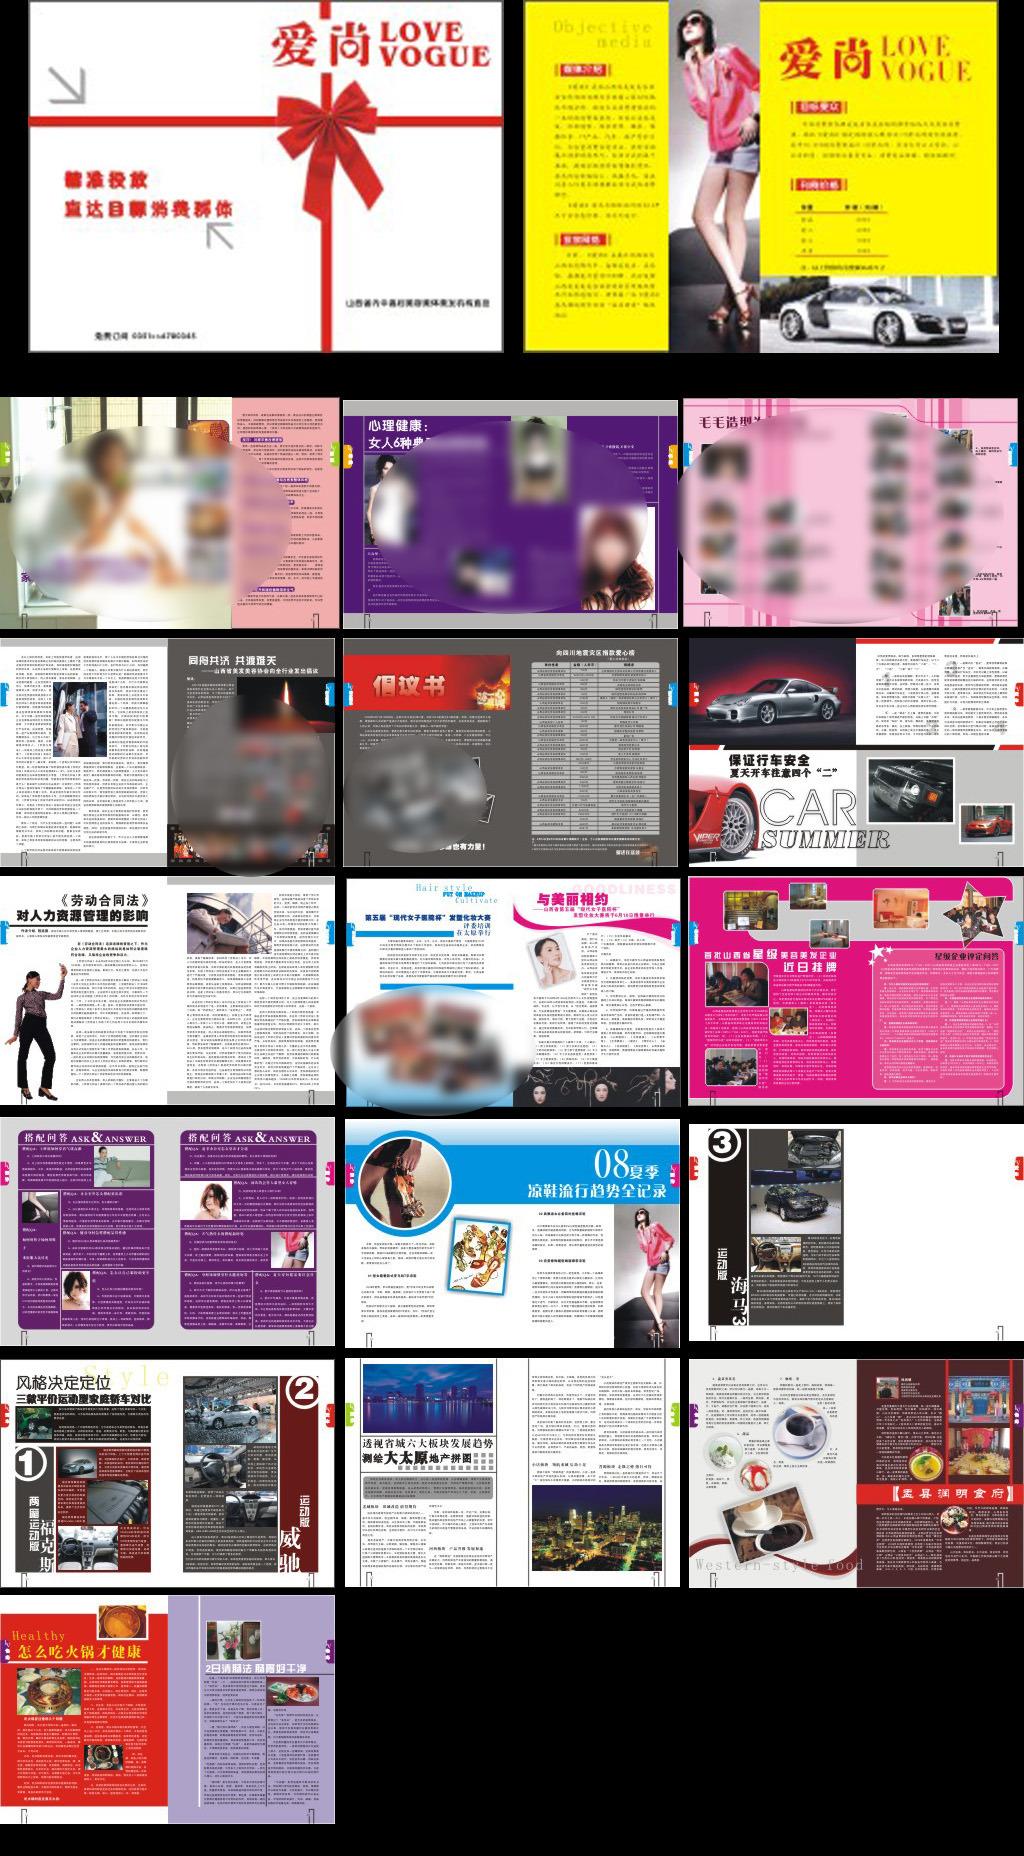 美容杂志排版设计模板下载